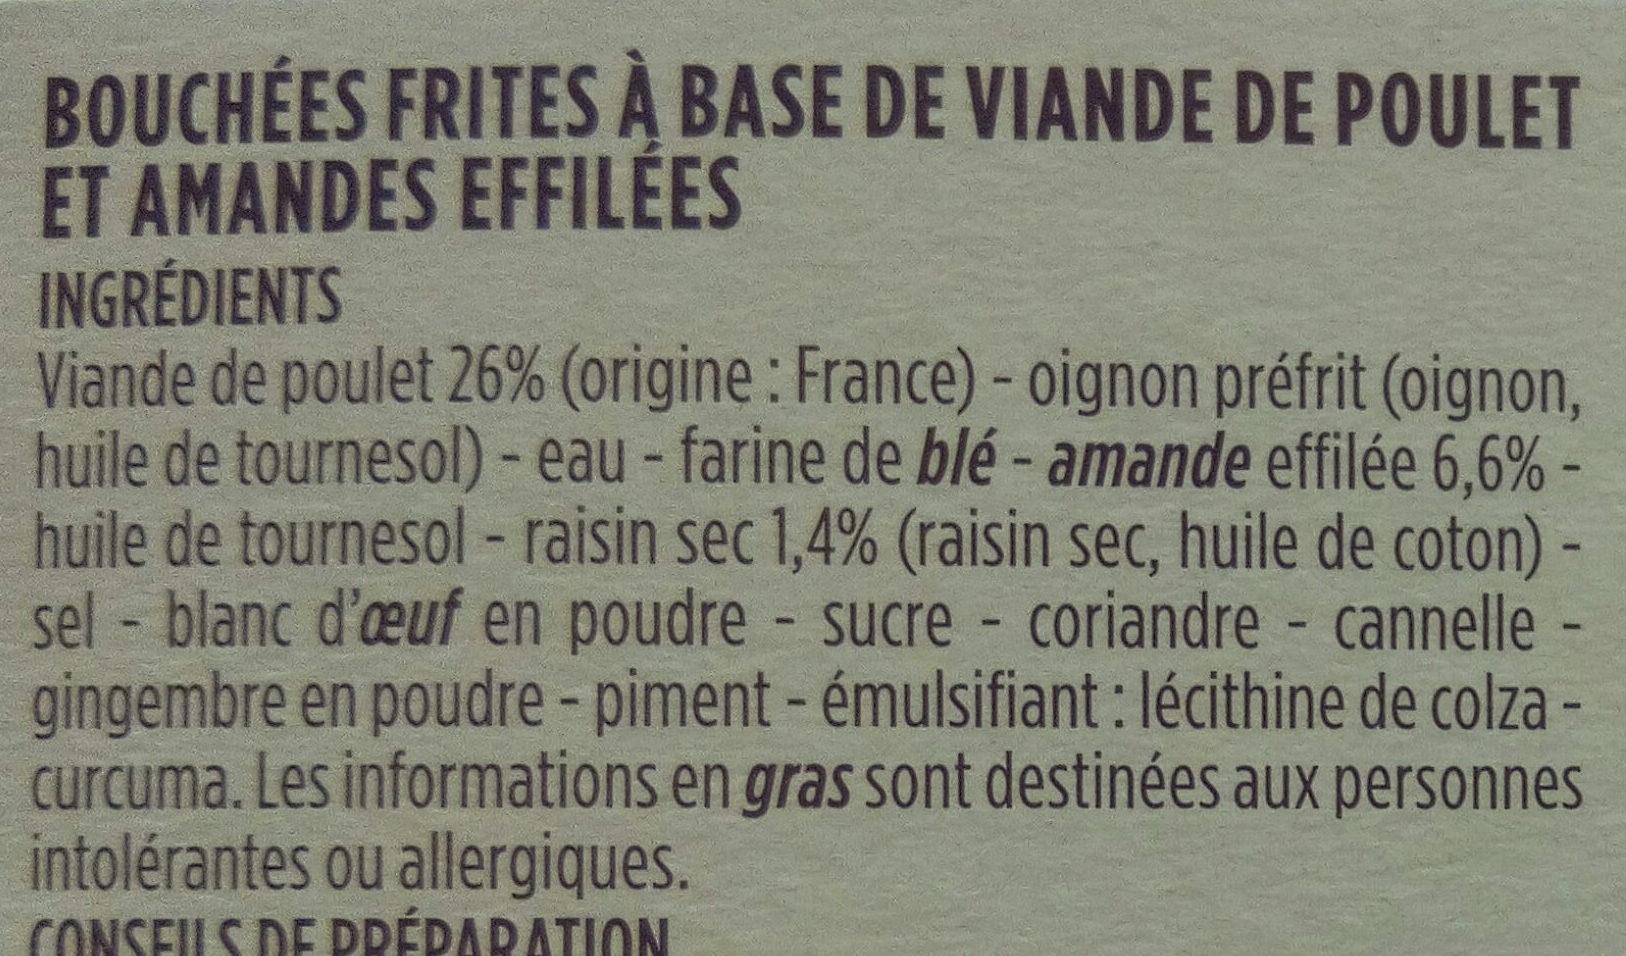 Mini pastillas poulet et amandes - Ingrédients - fr